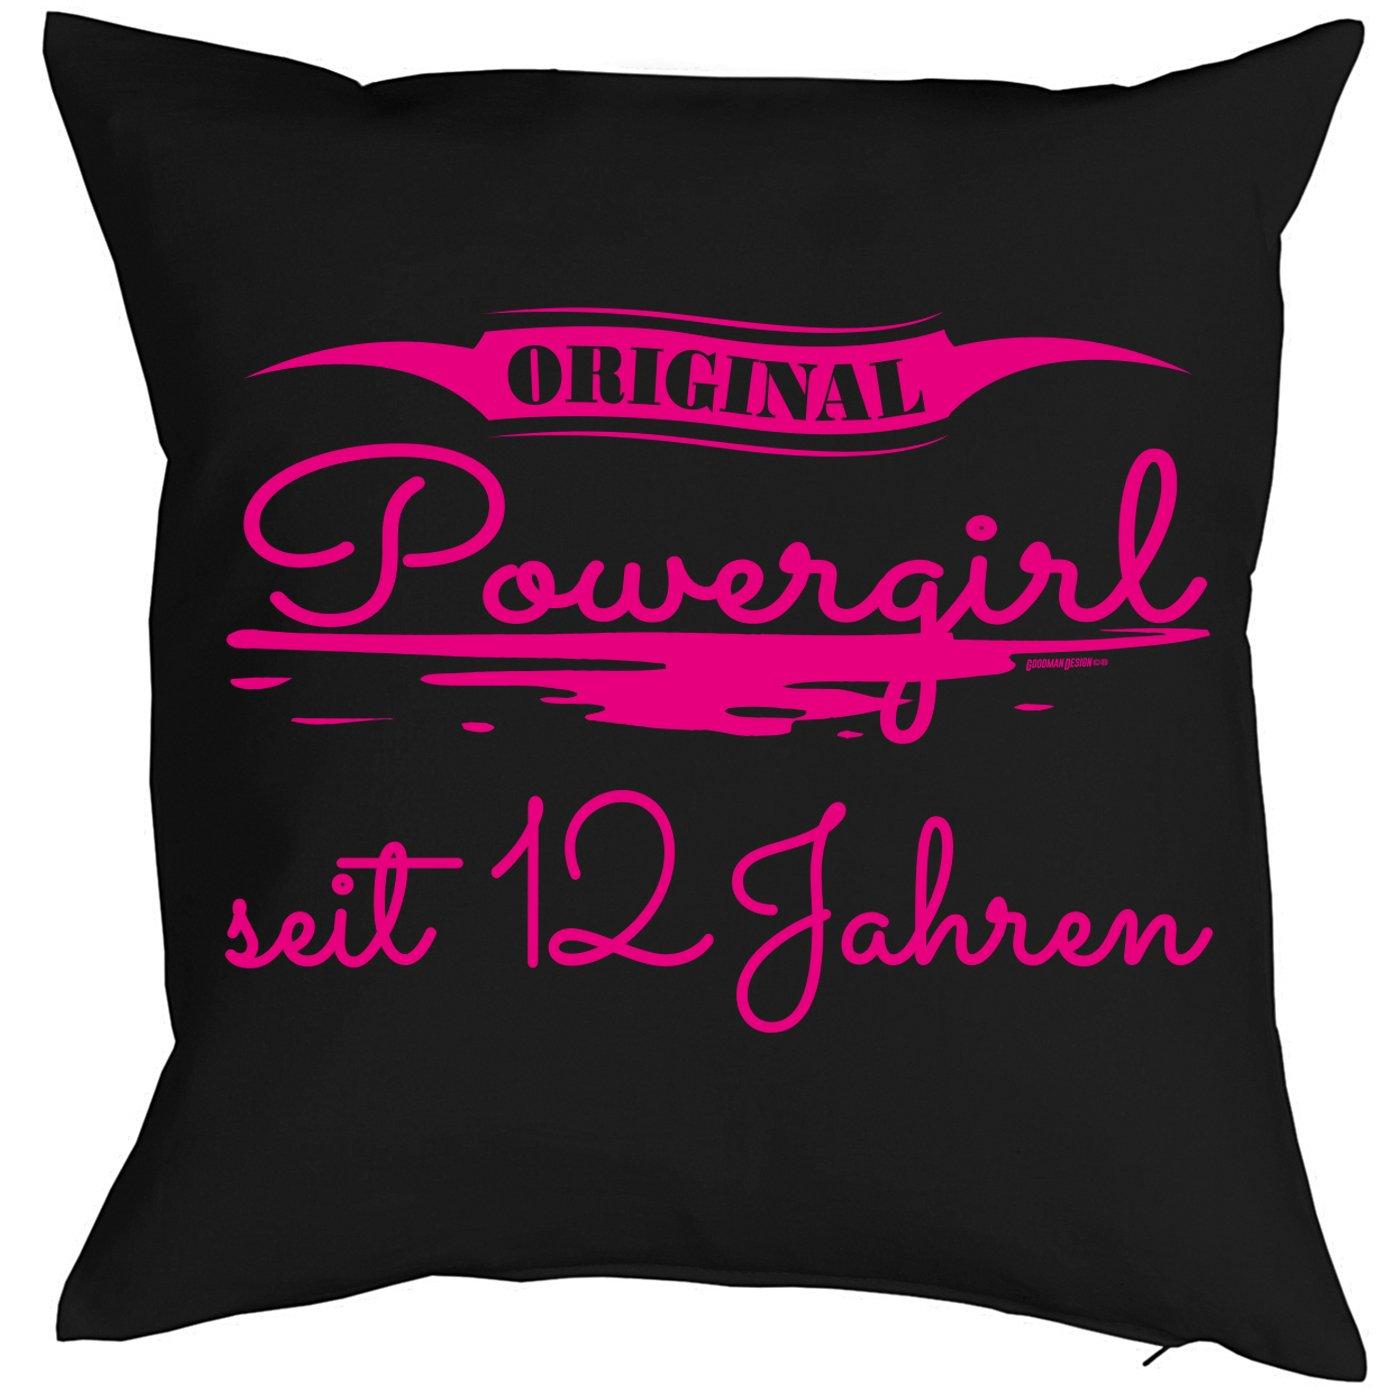 12 Geburtstag Kissen - Kuschelkissen Kinder - Geburtstagsfeier 12.Geburtstag Mädchen : Original Powergirl seit 12 Jahren -- Deko - Kissen ohne Füllung - Farbe: schwarz Tini - Shirts